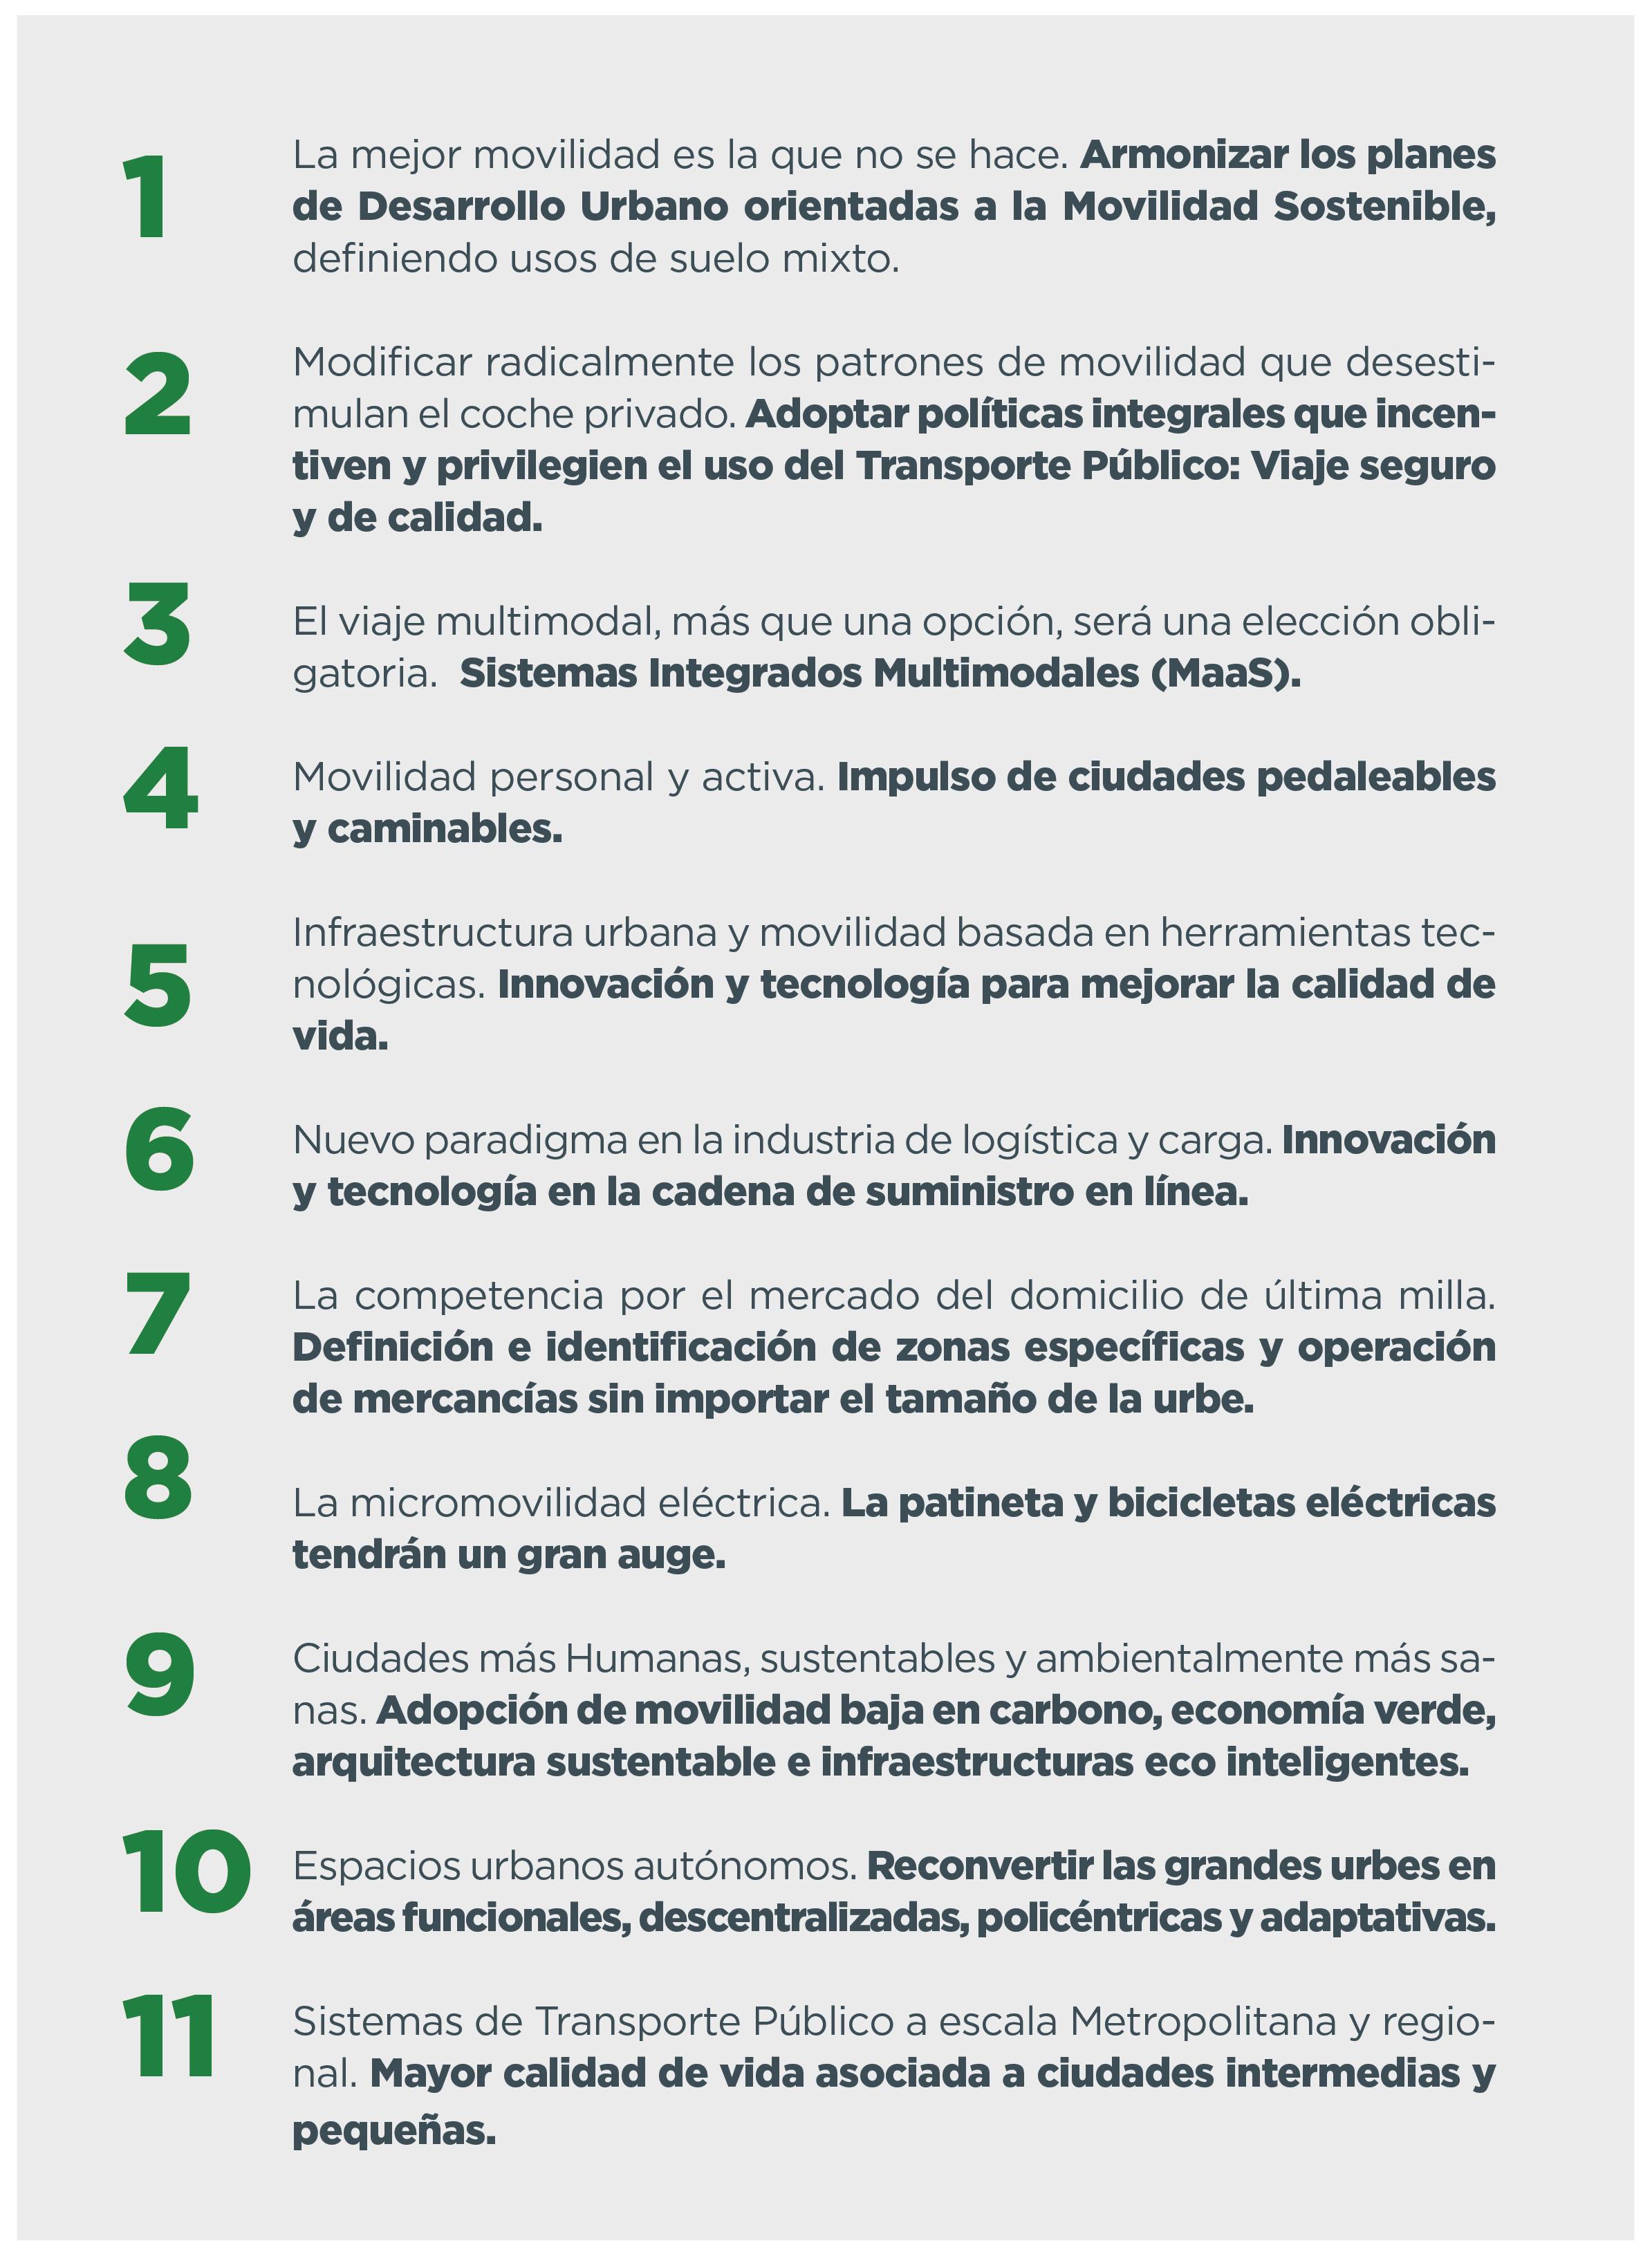 simus factores2